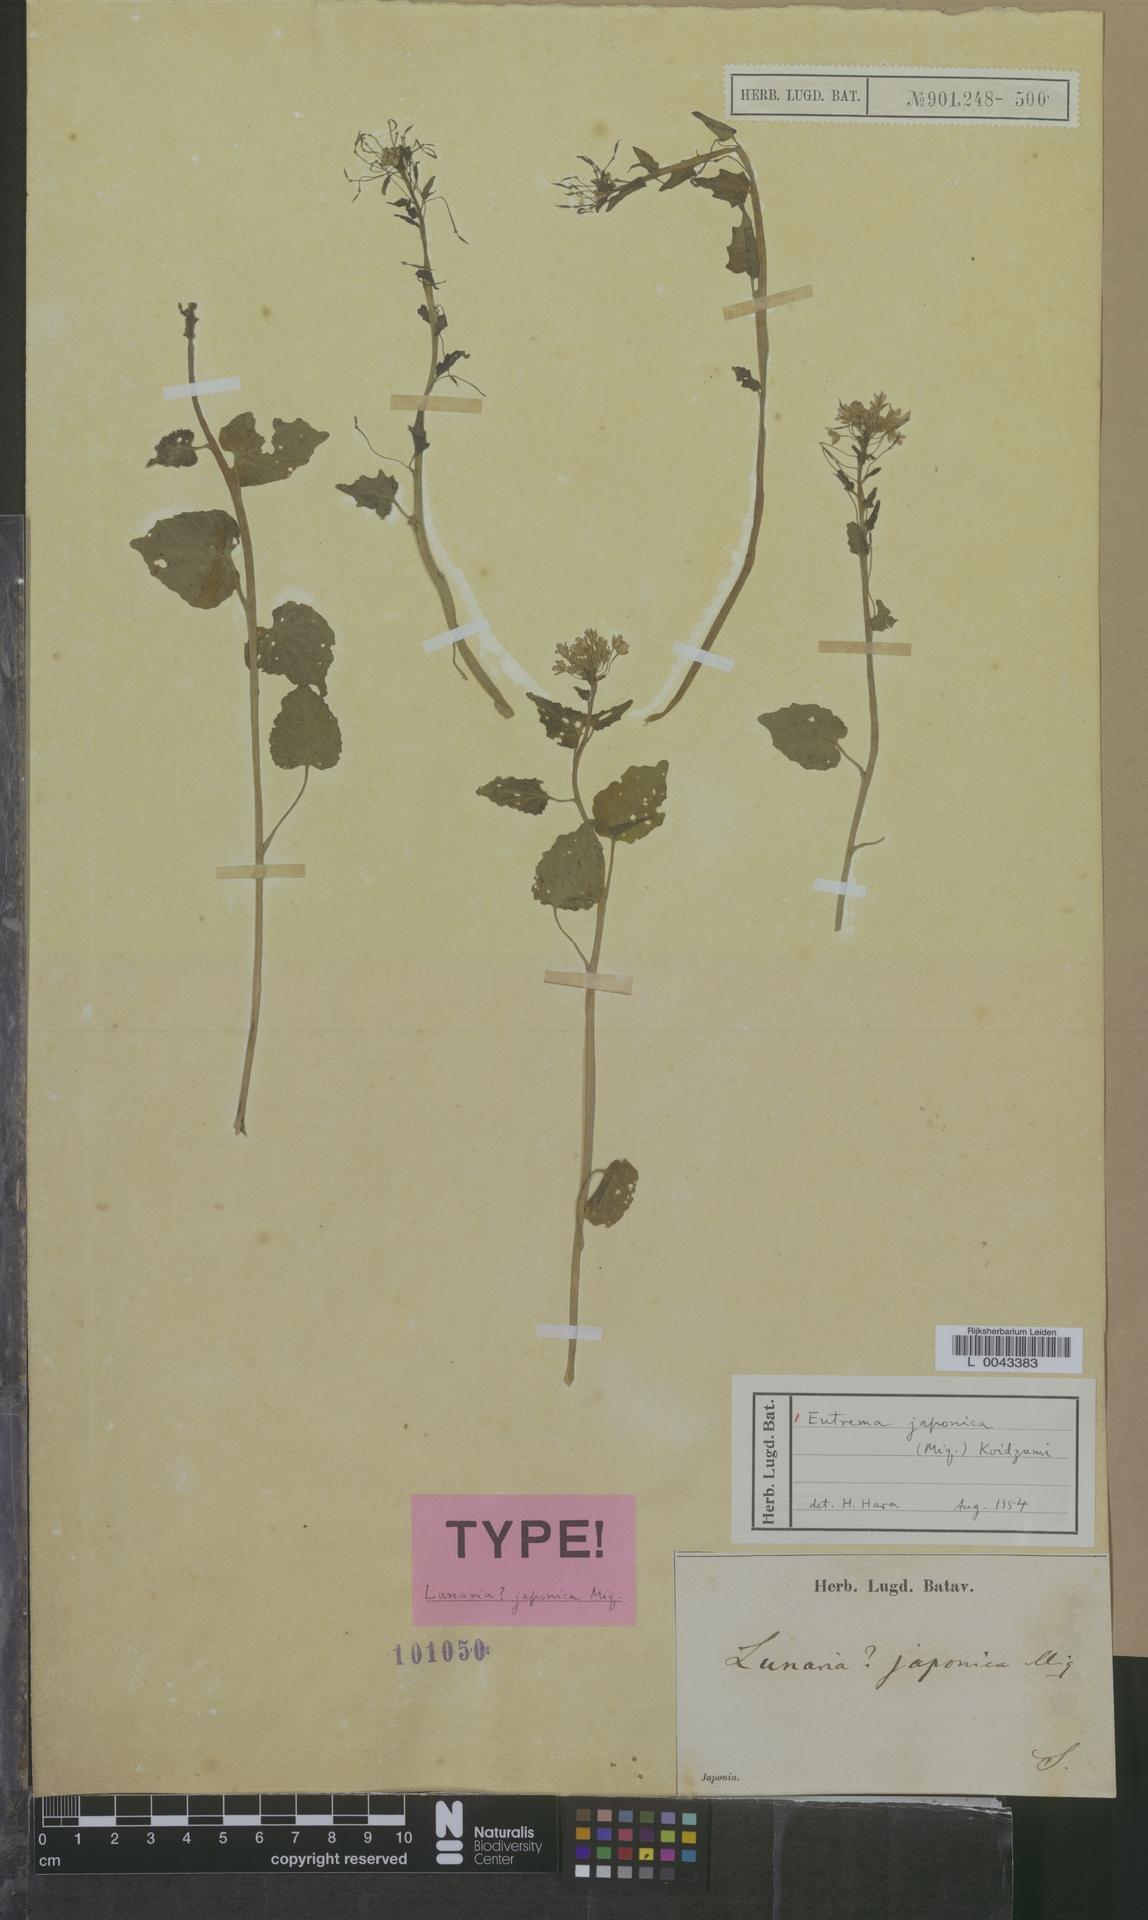 L  0043383 | Eutrema japonica (Miq.) Koidz.